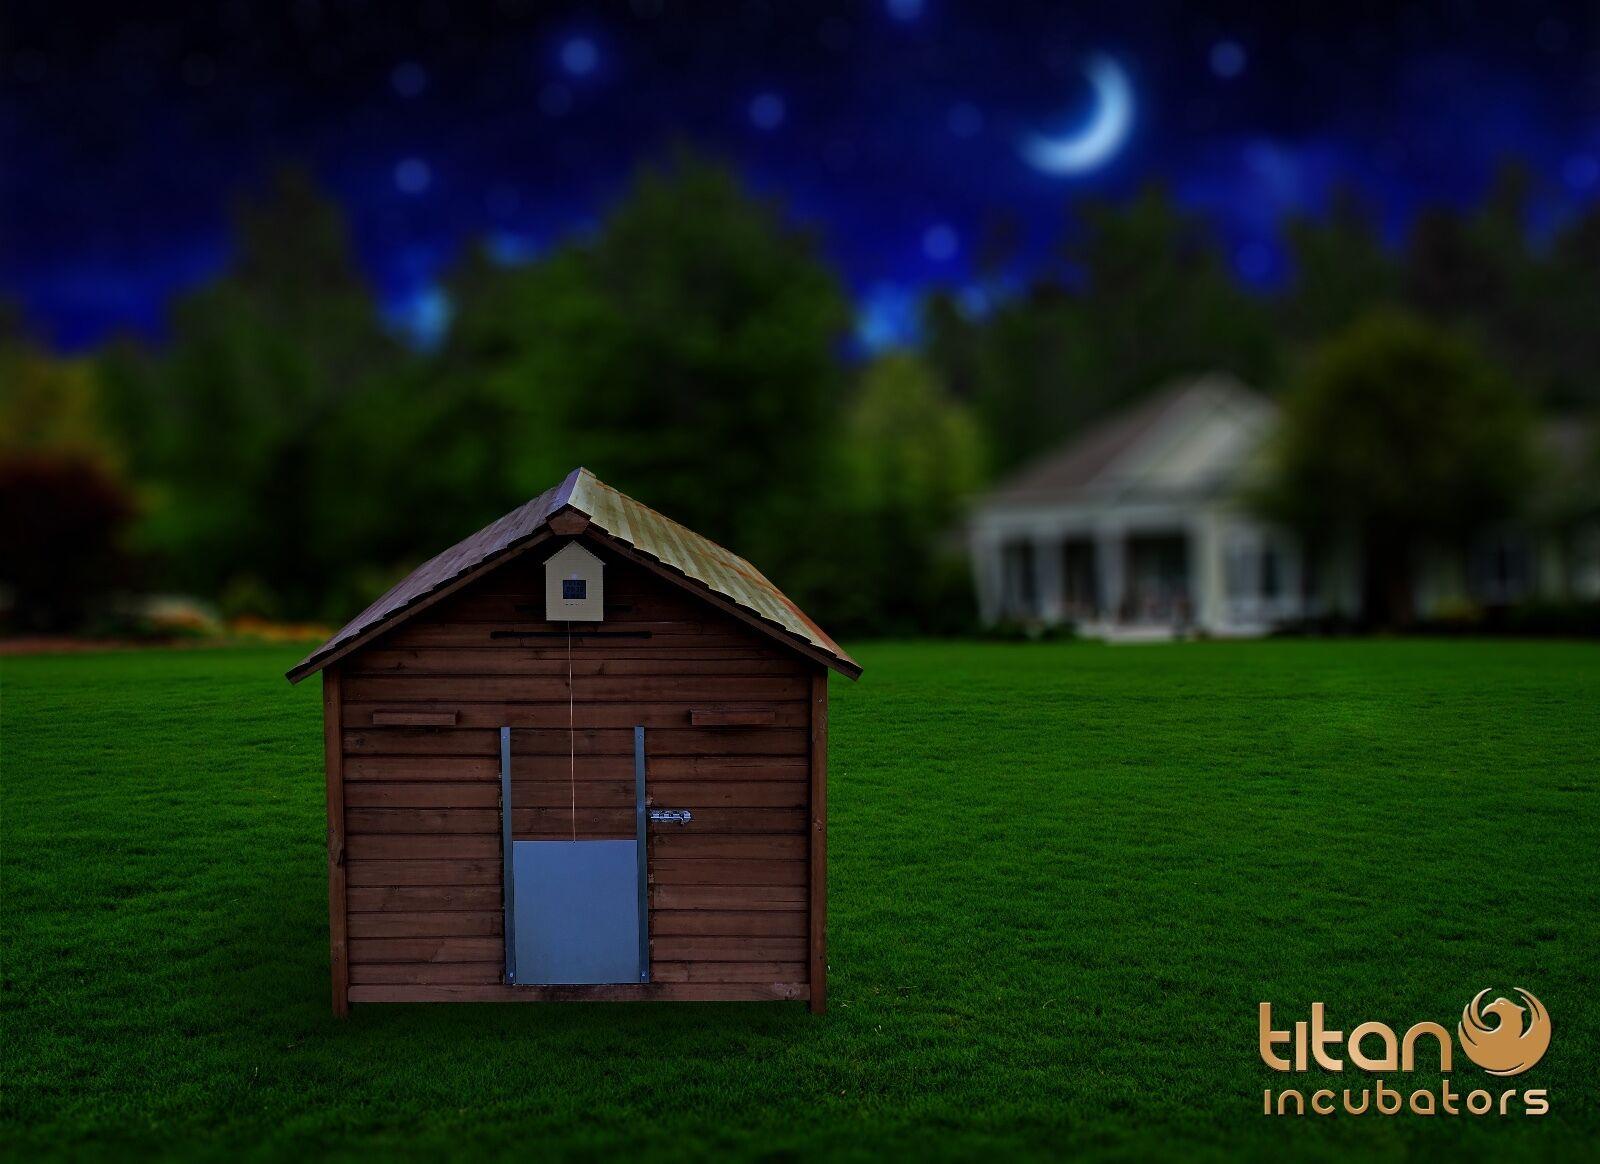 Titan Automatique Porte Ouvreur pour pour pour Poulet Maison Poule Maisons Volaille 5bb129